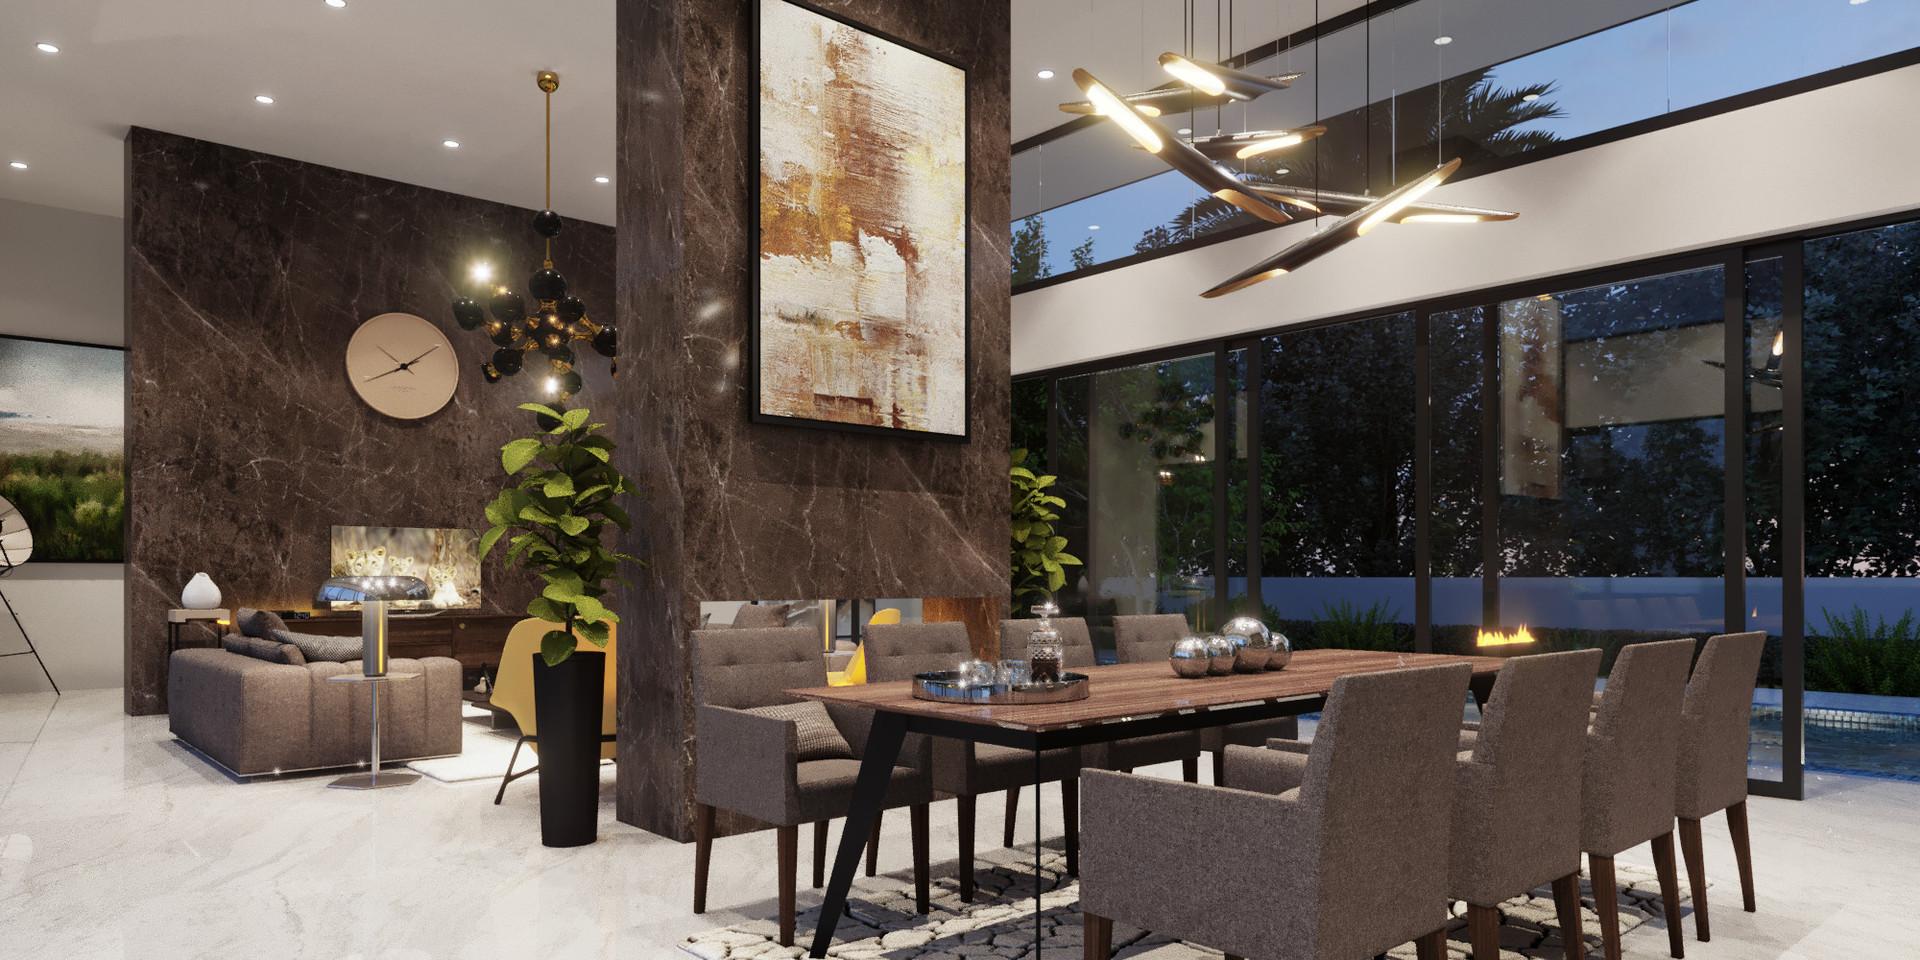 3D_renders_interiors_house02_1.jpg